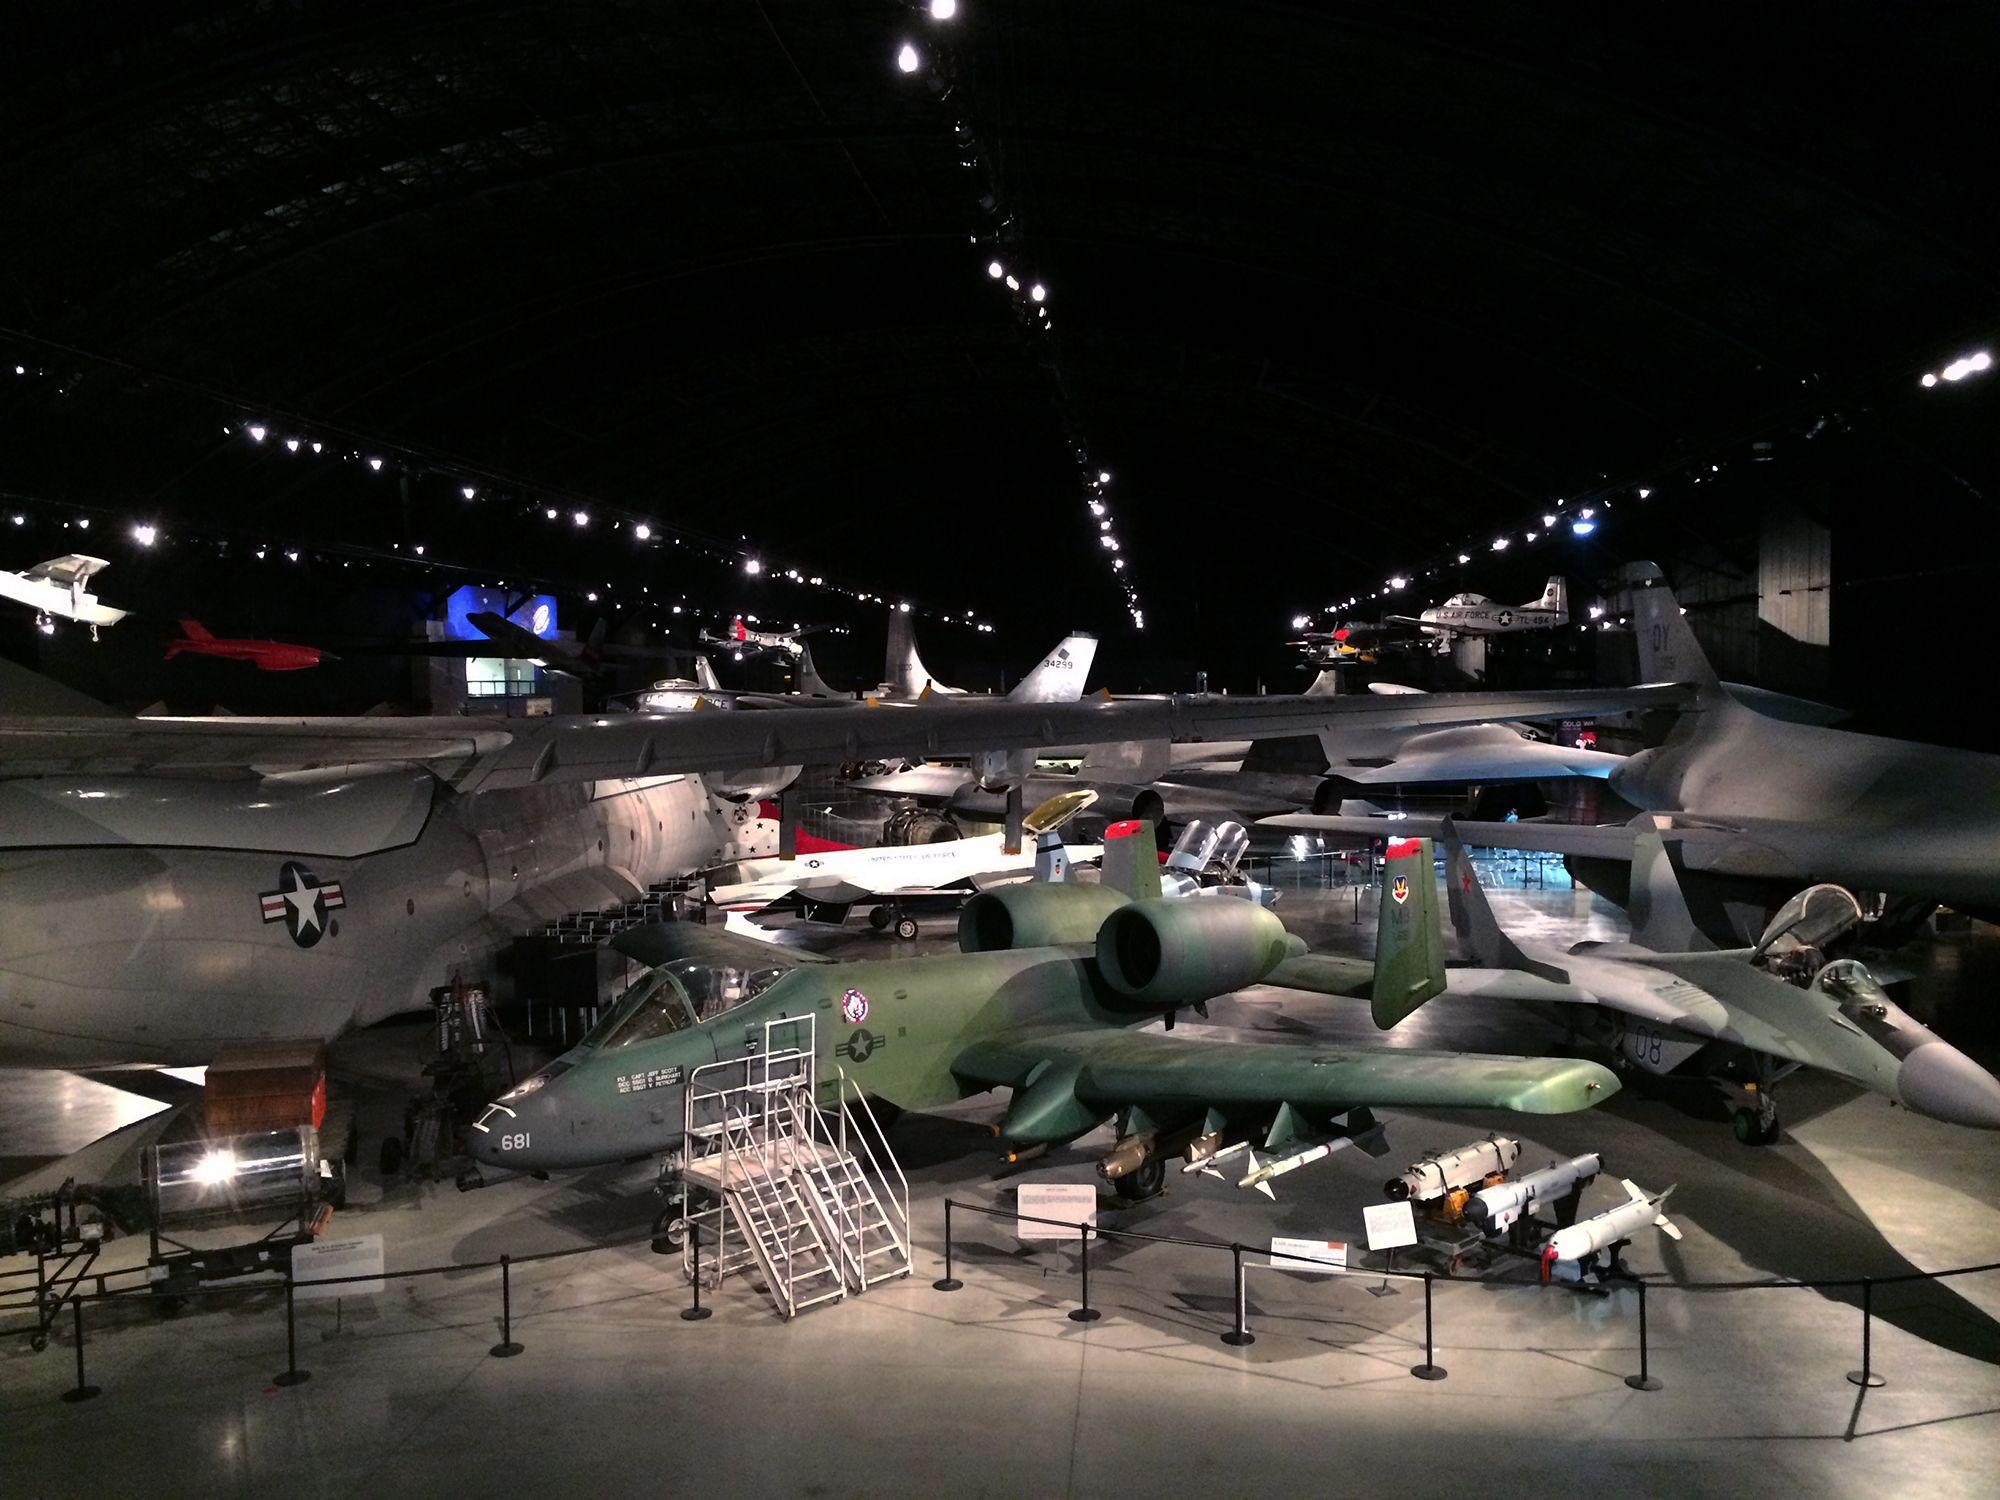 Musée de la force aérienne Trip advisor, Dayton ohio